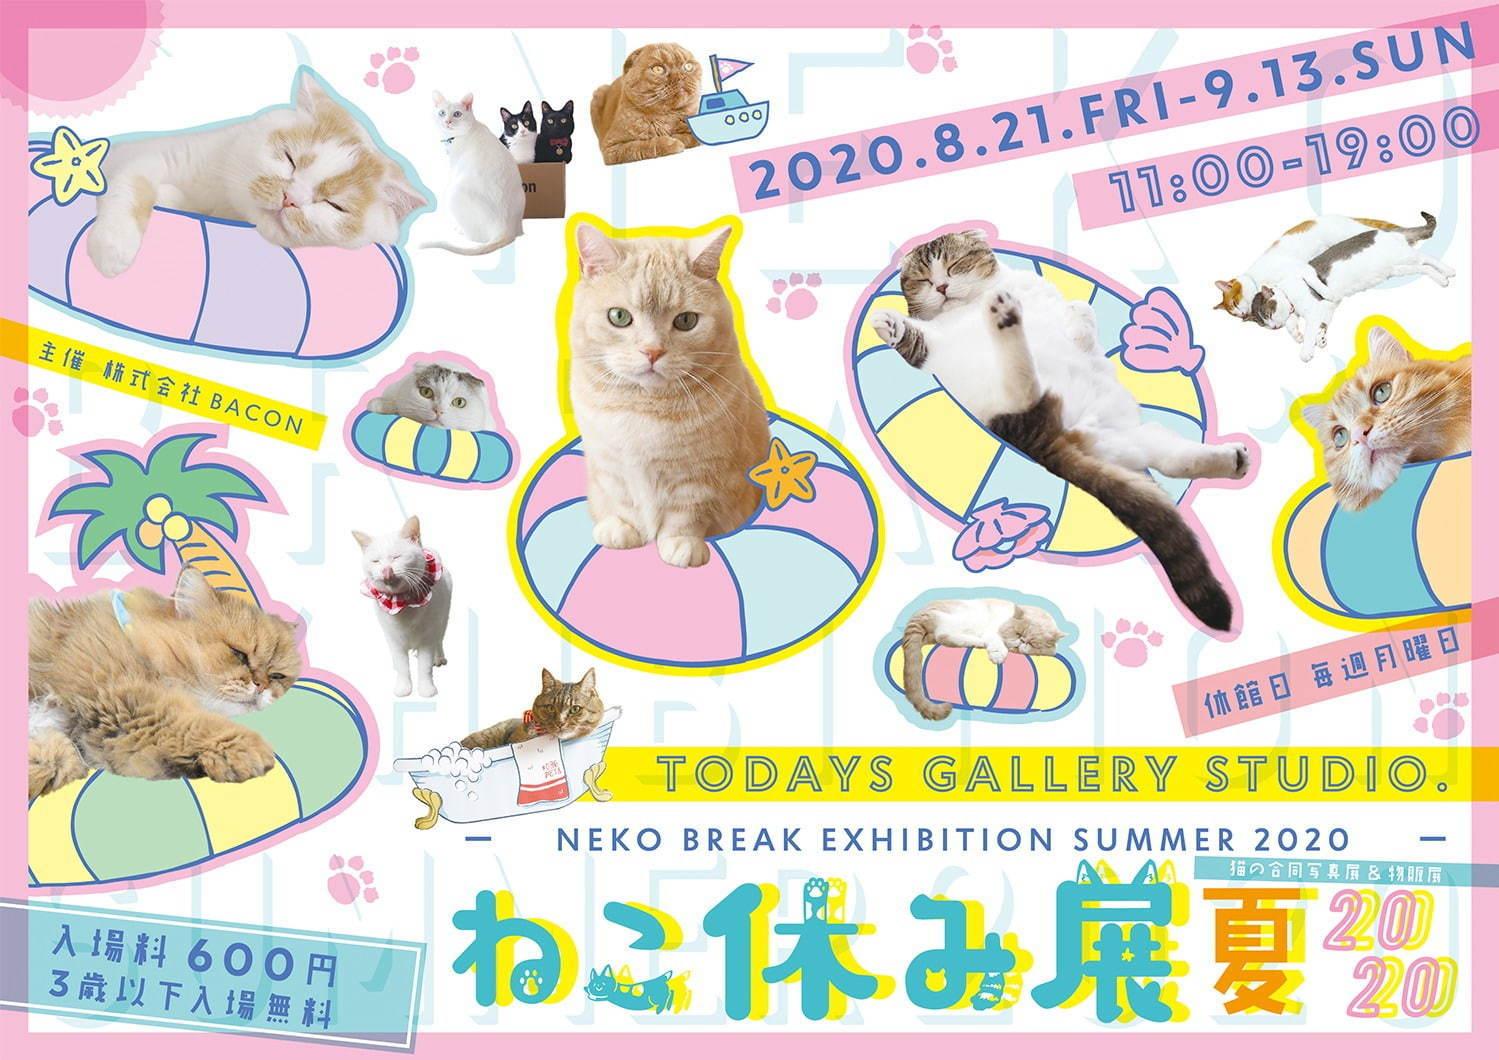 """可愛い""""にゃんこ""""が一堂に! 猫の合同写真展&物販展「ねこ休み展 夏 2020」が、東京・浅草橋で開催中_1"""